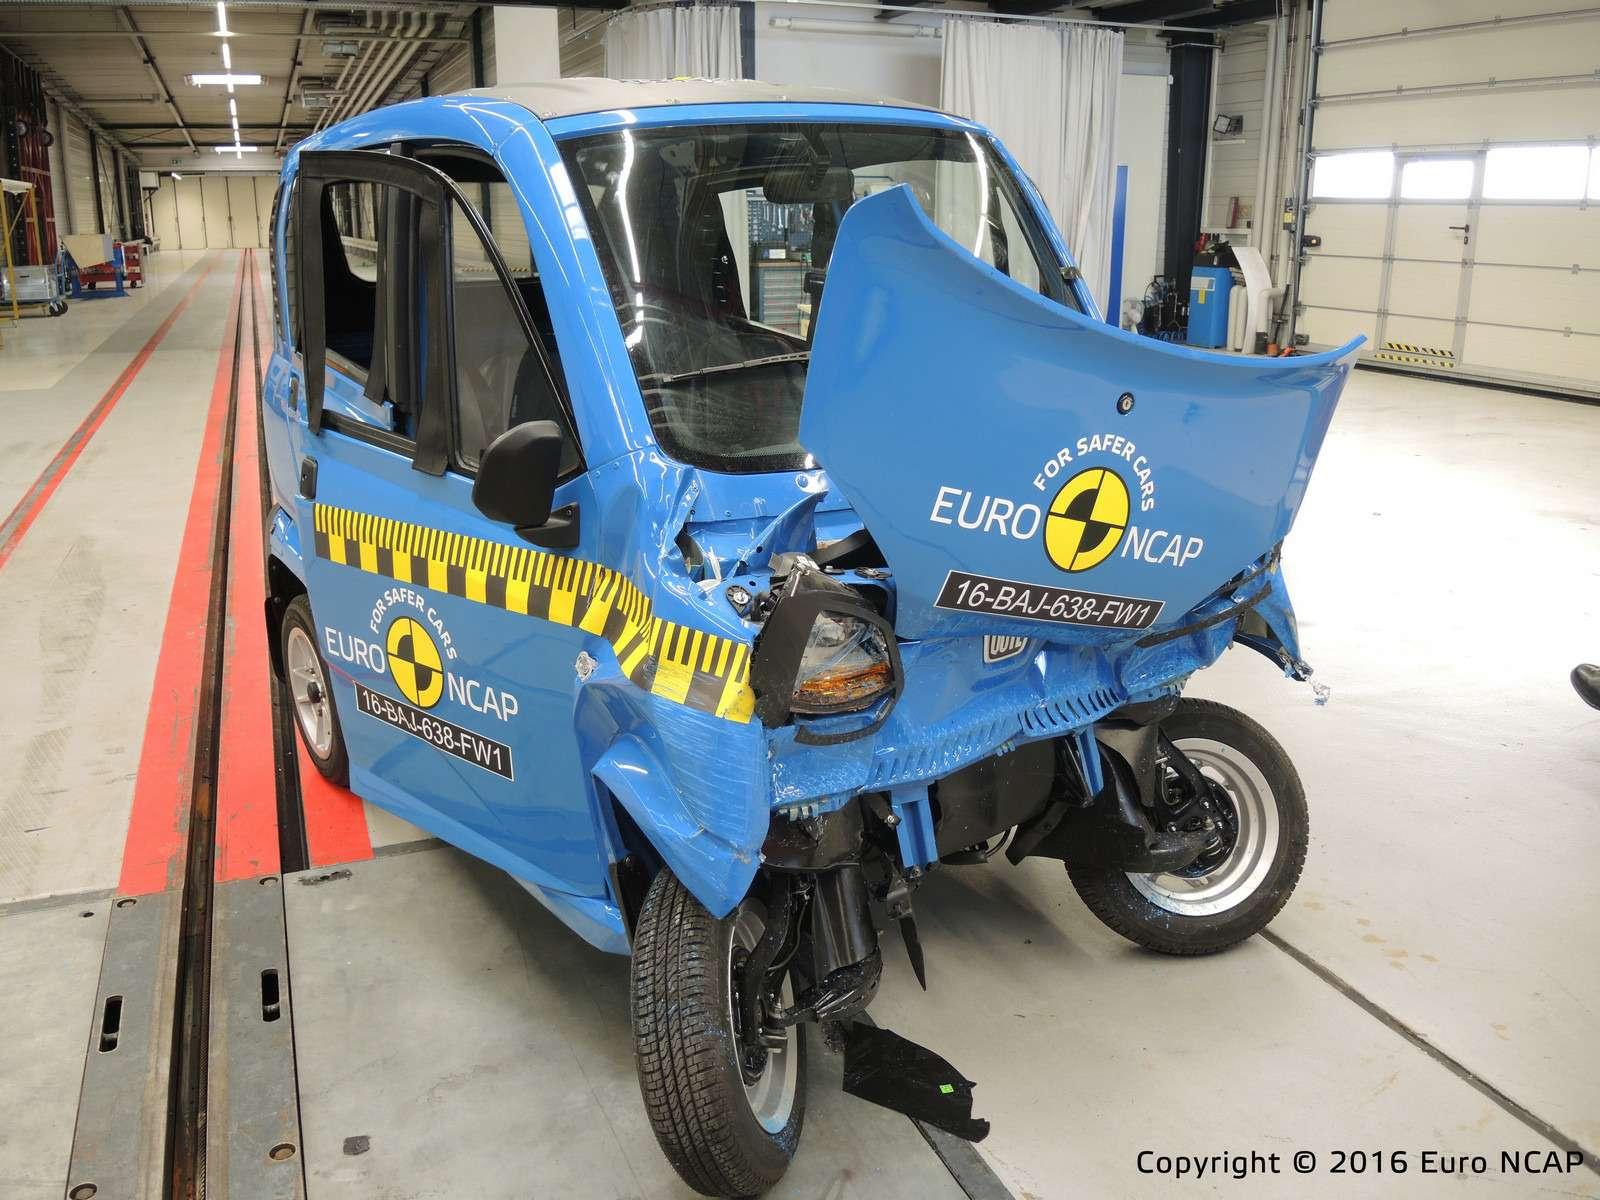 Euro NCAP огласил ужасающие результаты краш-тестов тяжелых квадроциклов— фото 573072